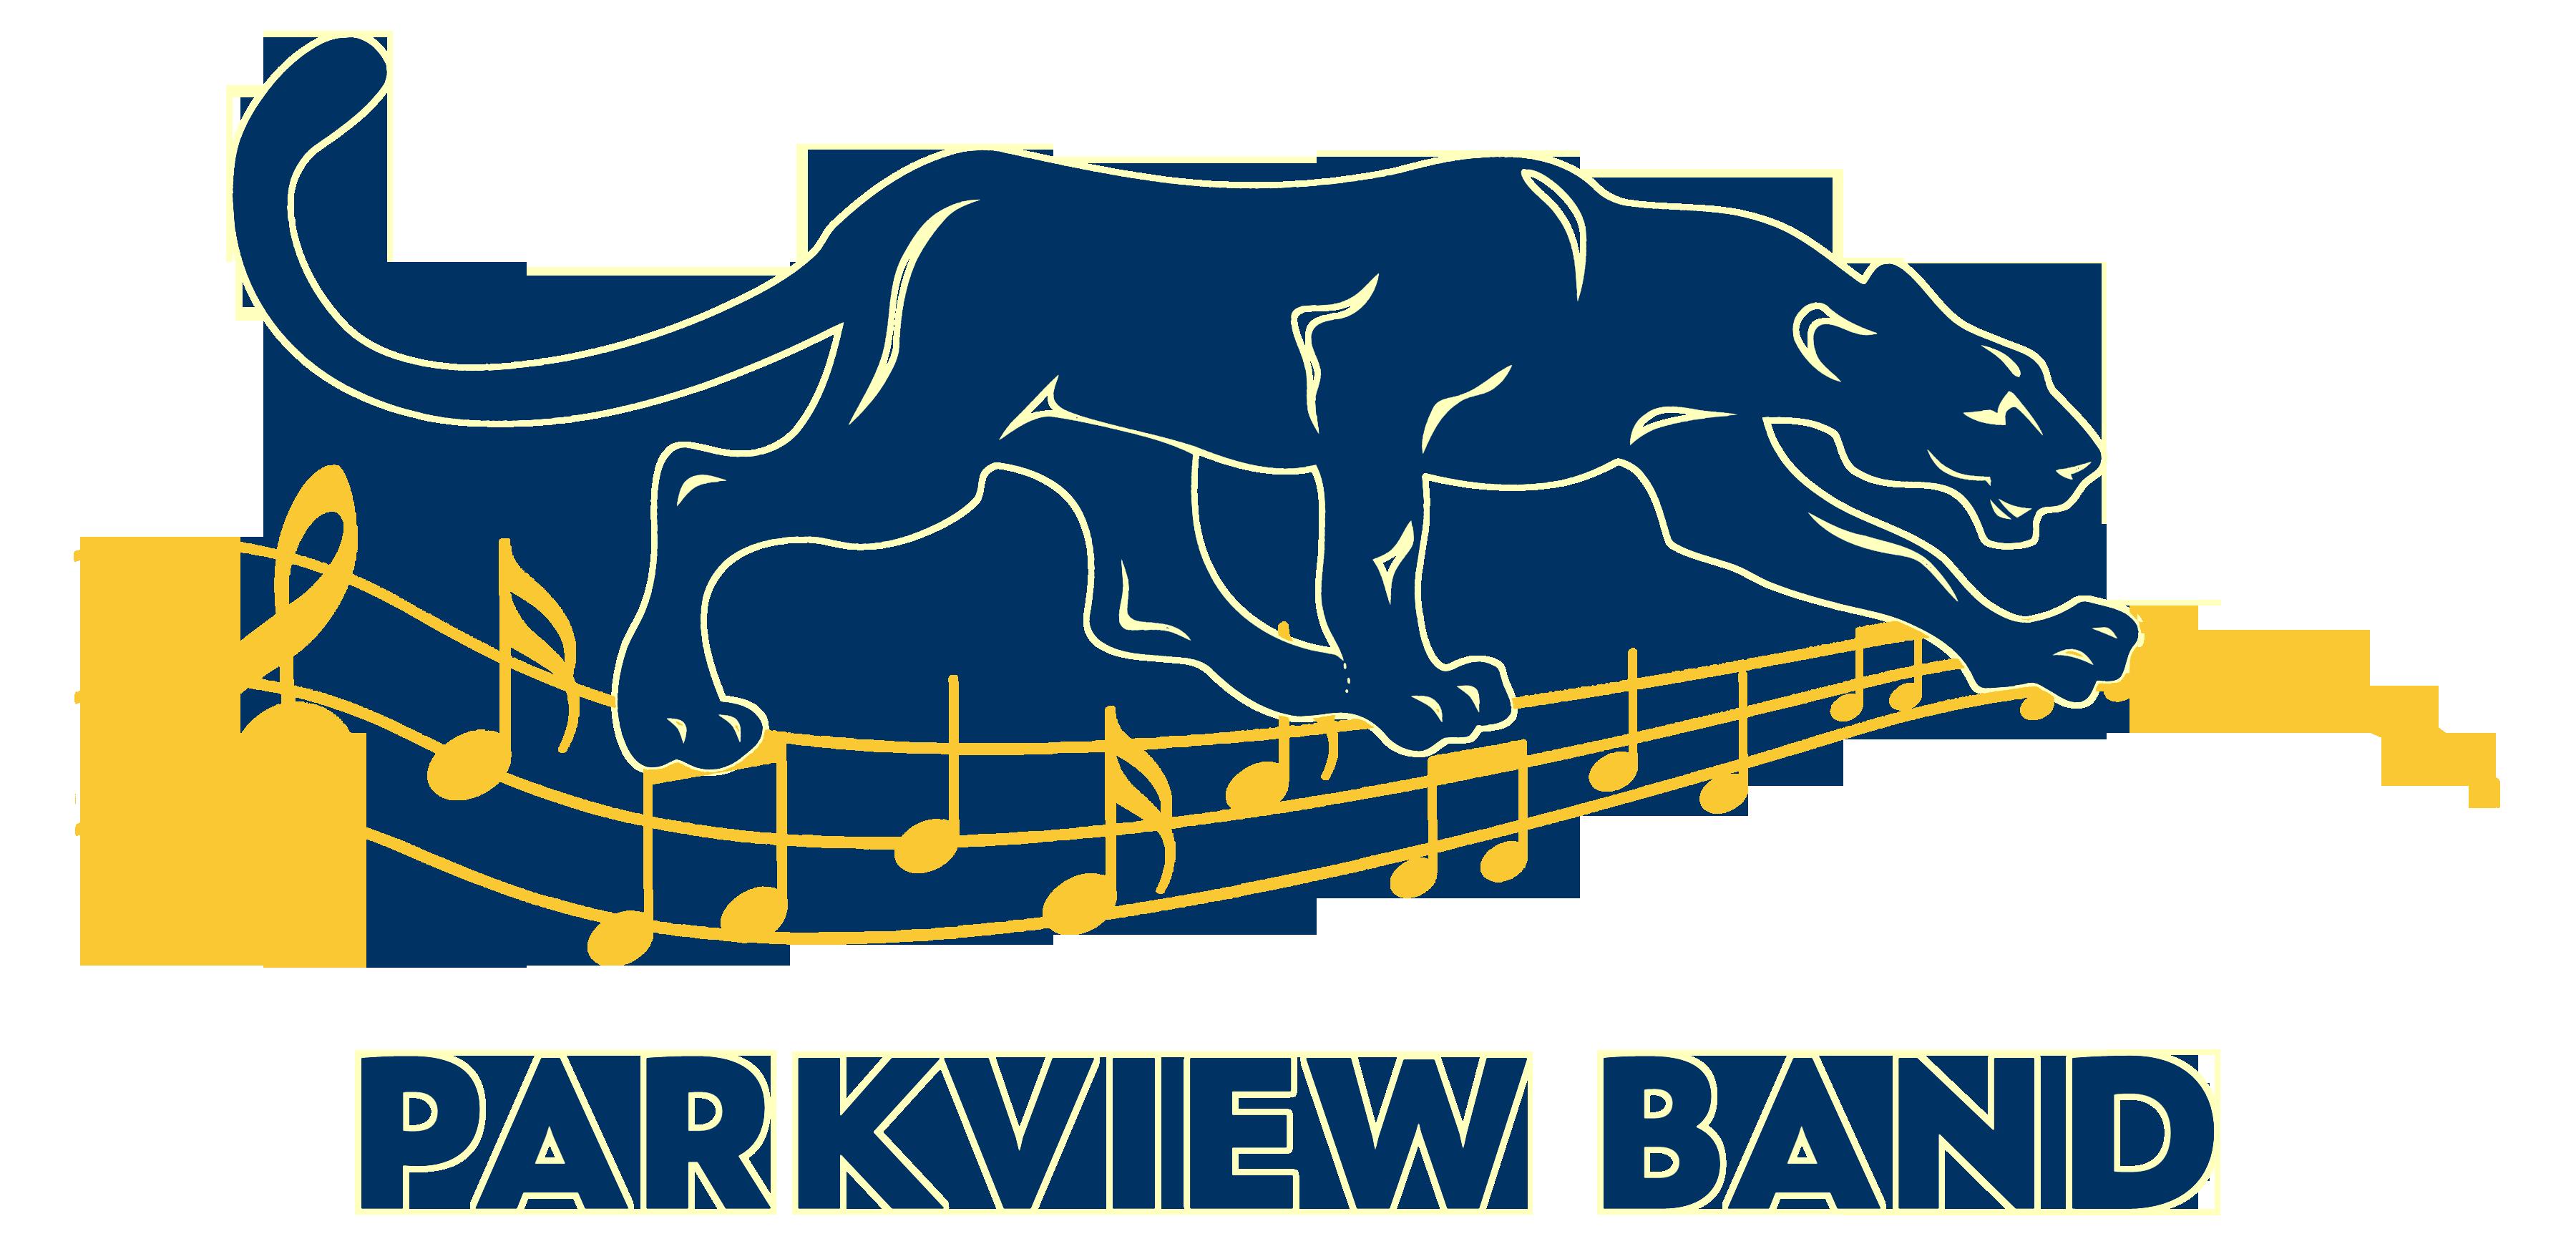 parkview band logo